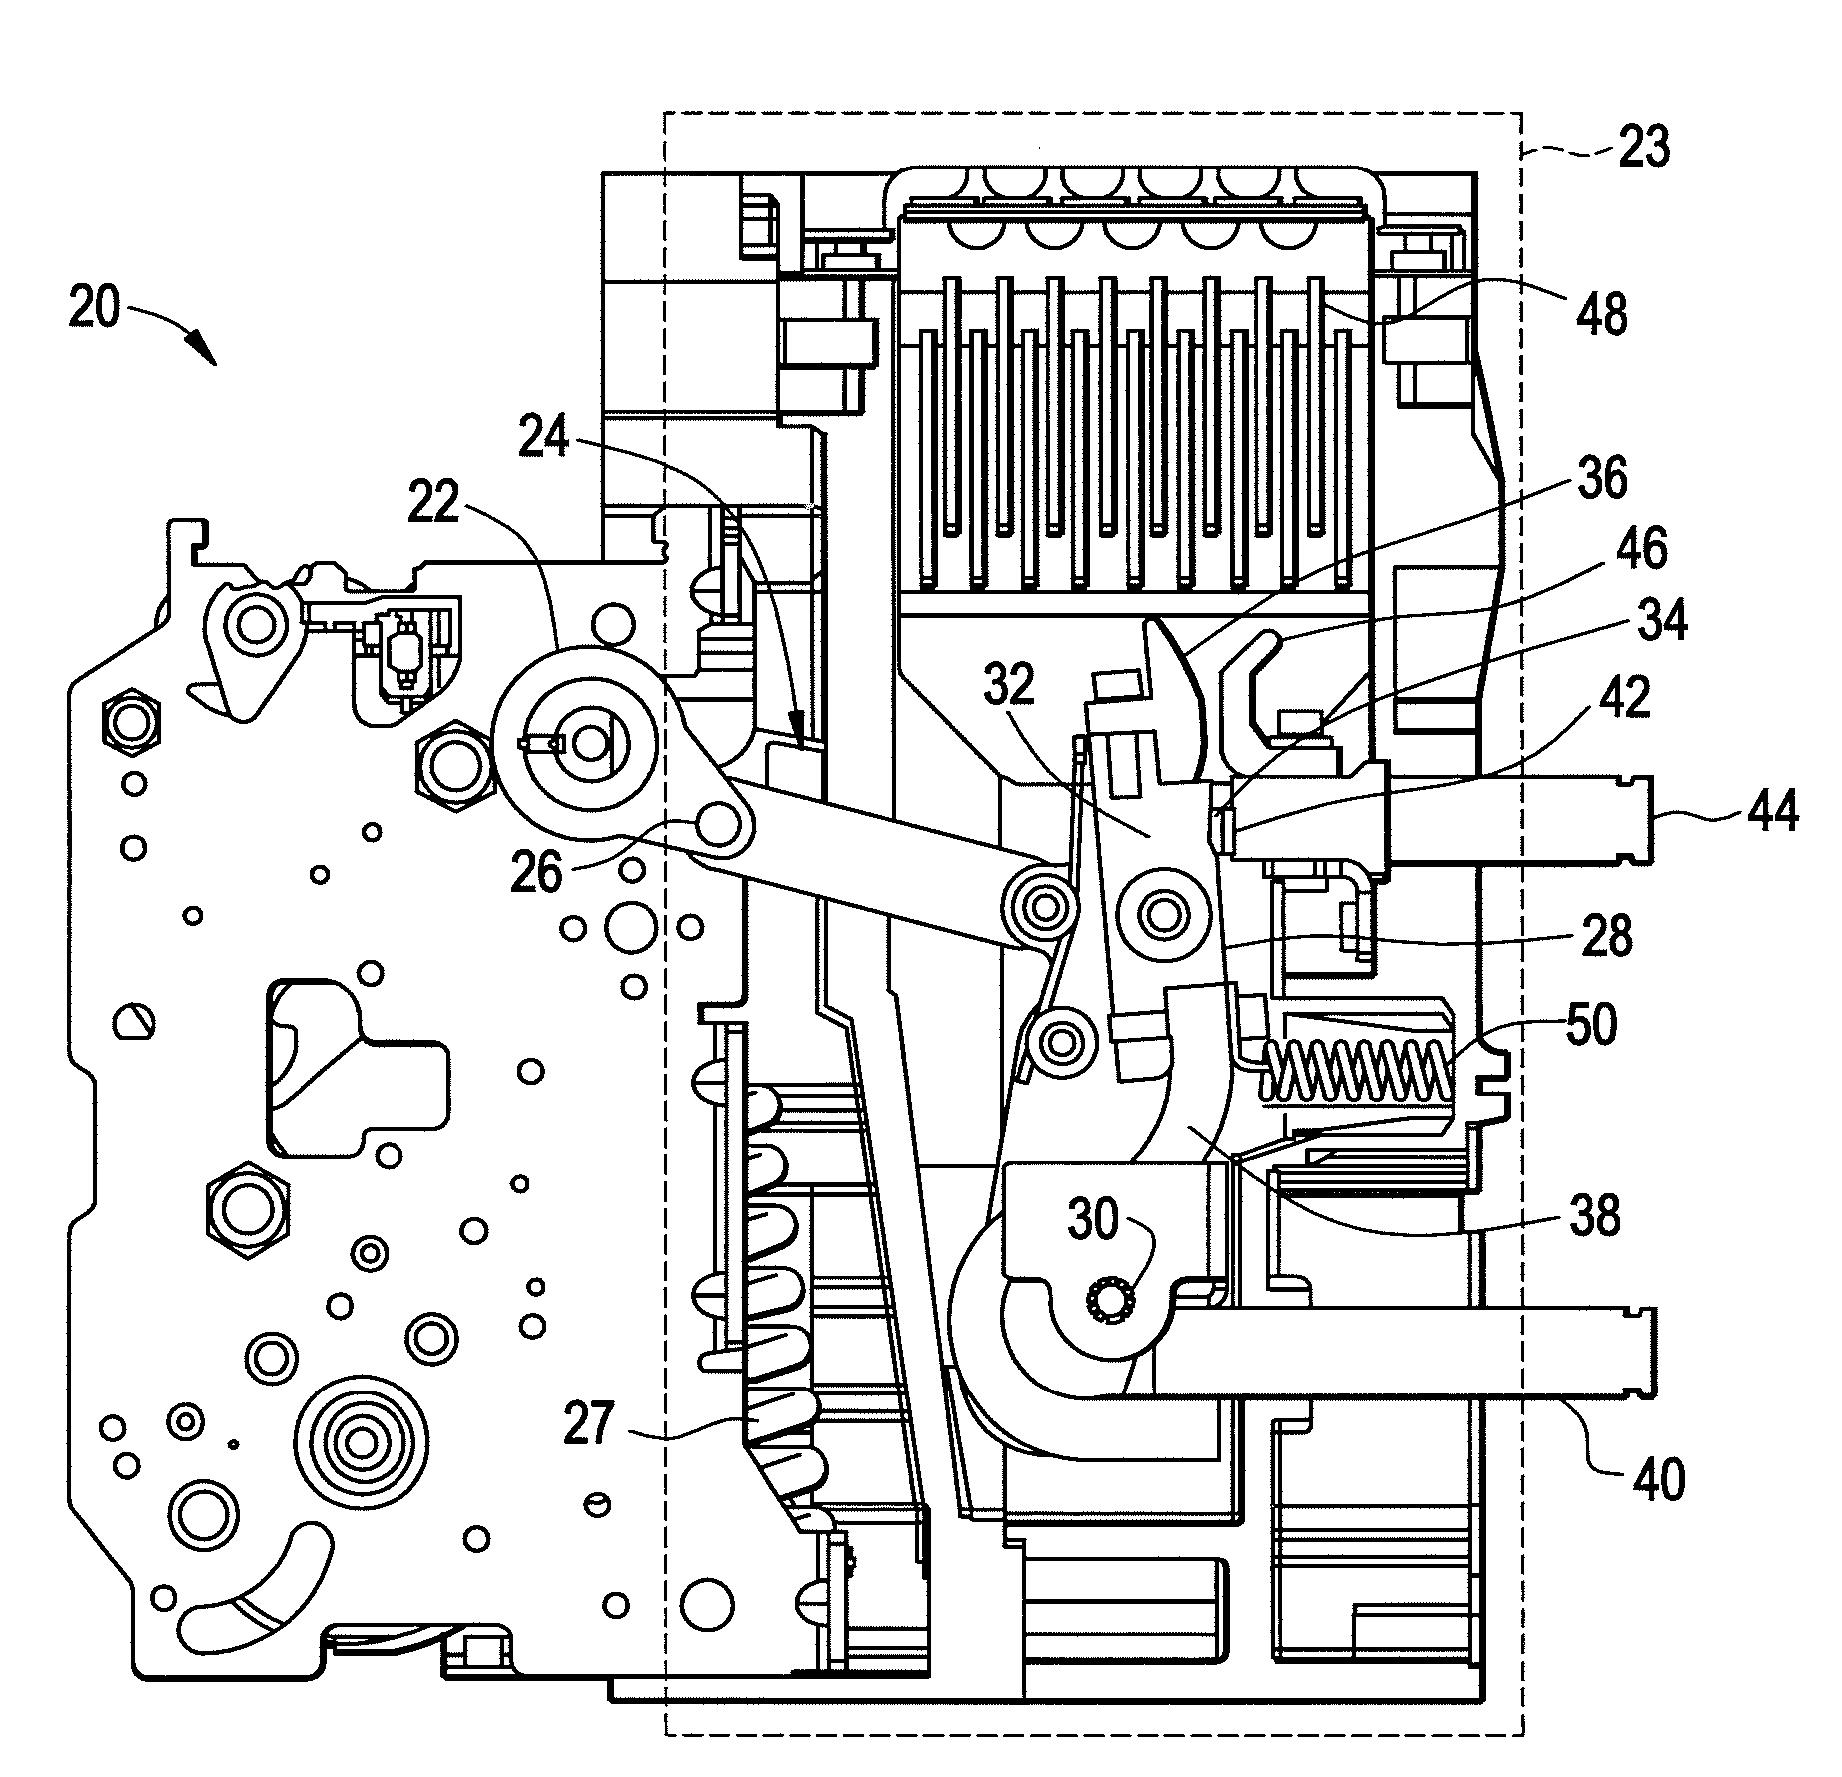 patent us7863534